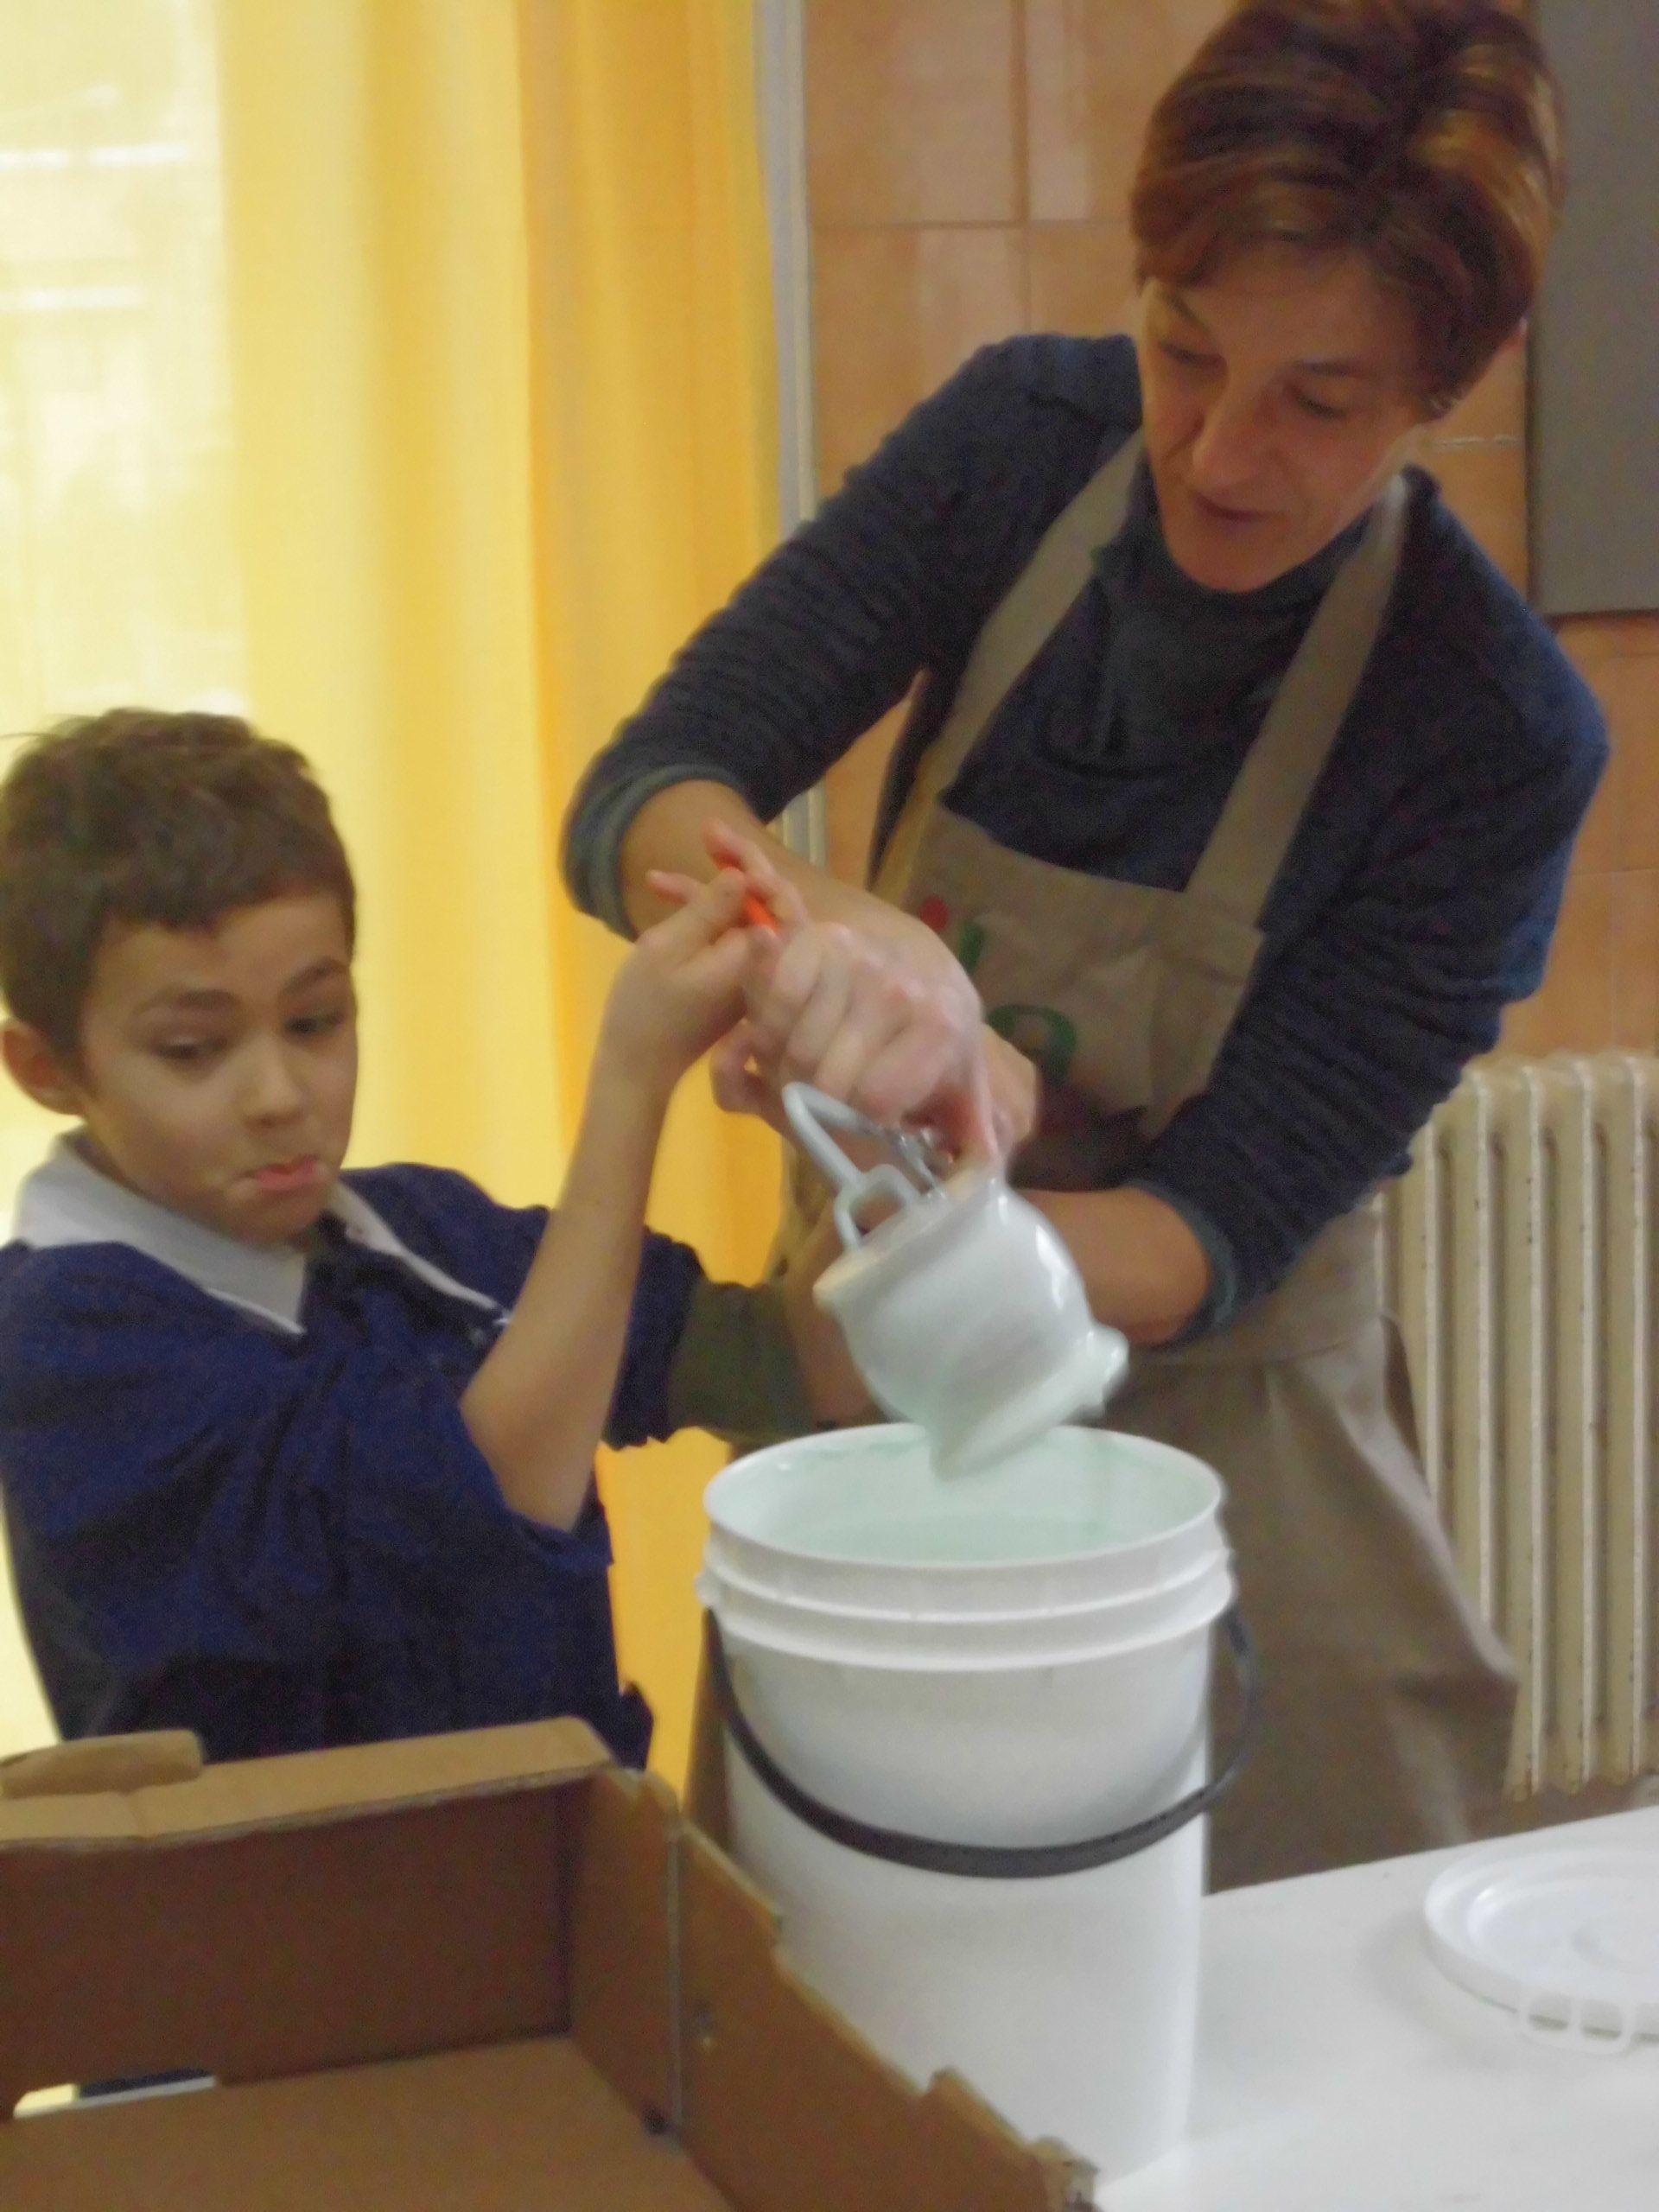 Ciclo completo della foggiatura di un vaso. Lavorazione al tornio,cottura e l'immersione in uno smalto.